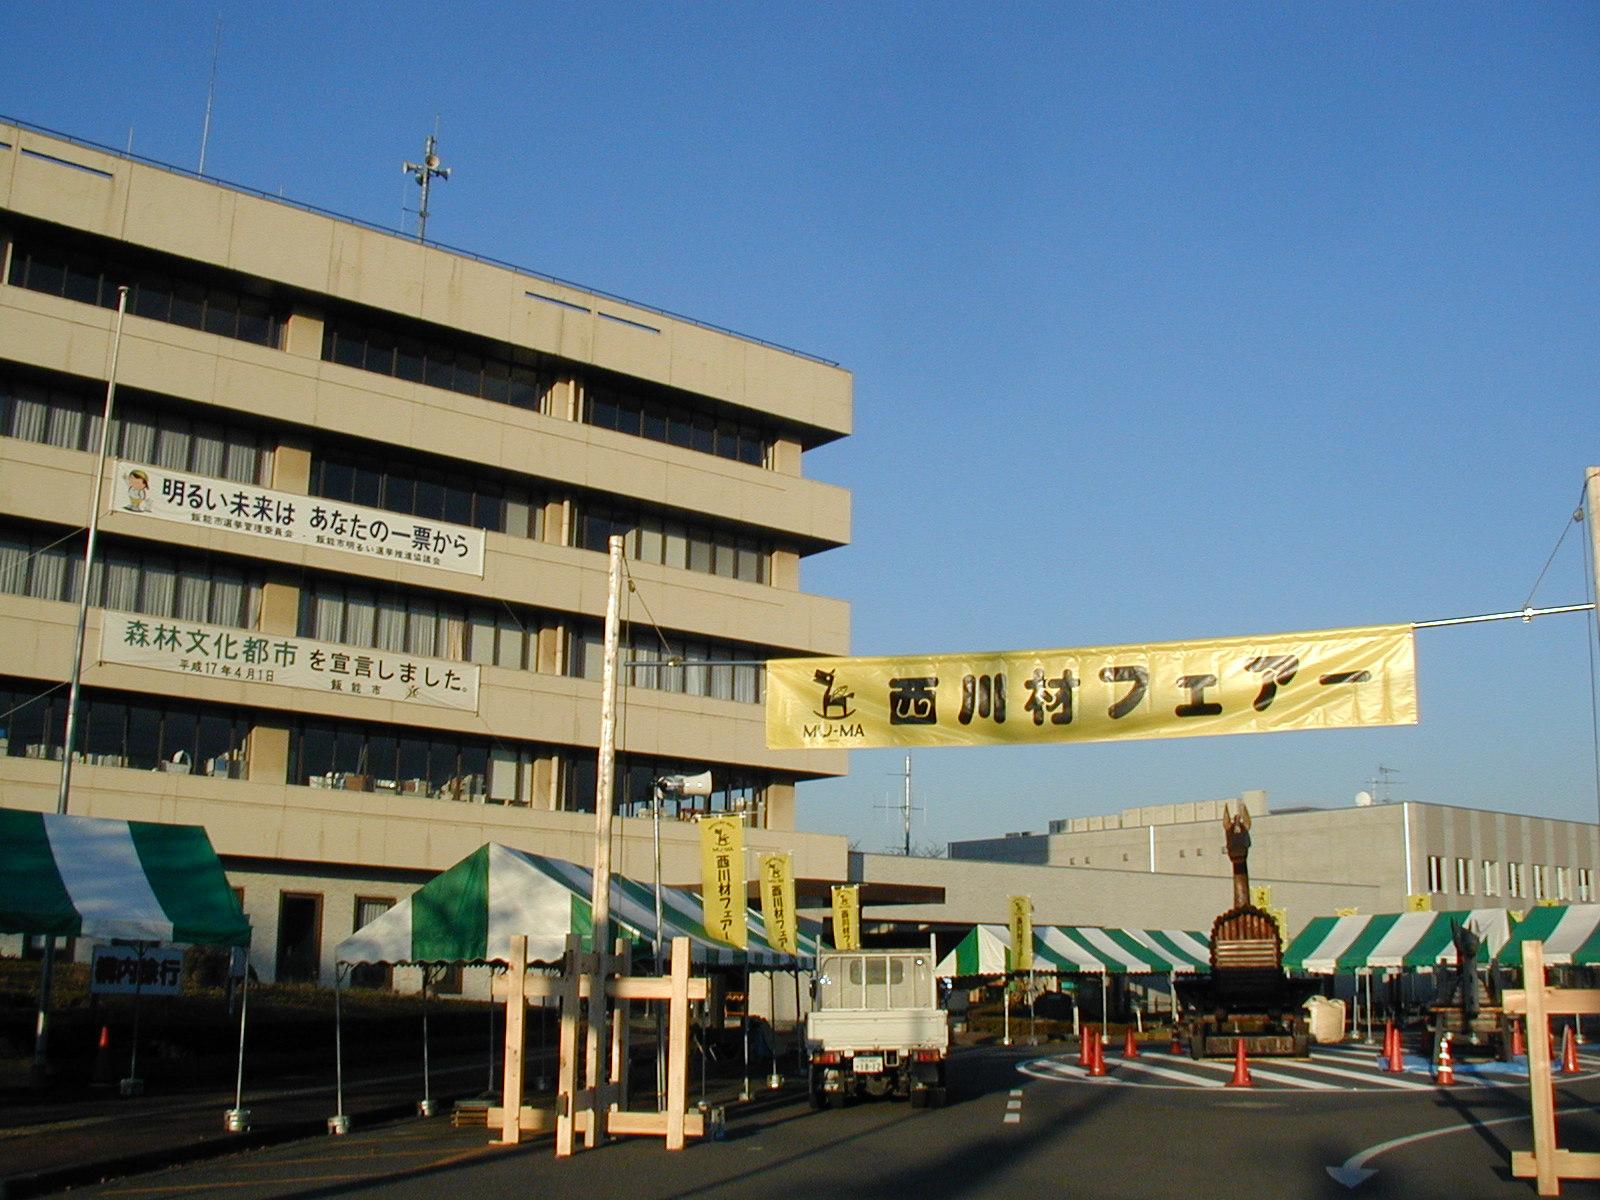 081123_hasegawa_san_nishikawa_063